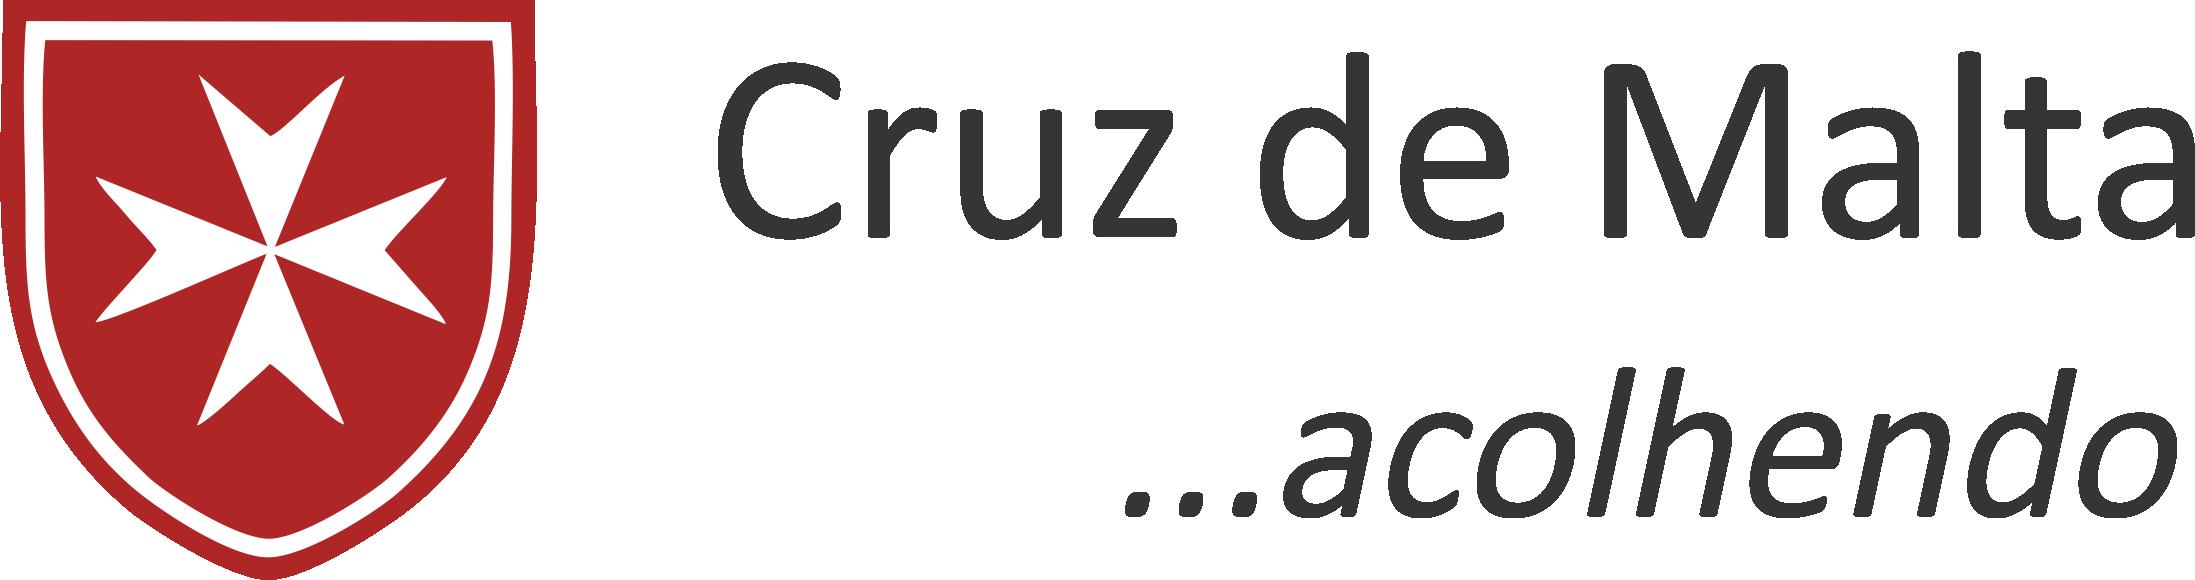 Logo-Cruz-de-Malta-preto